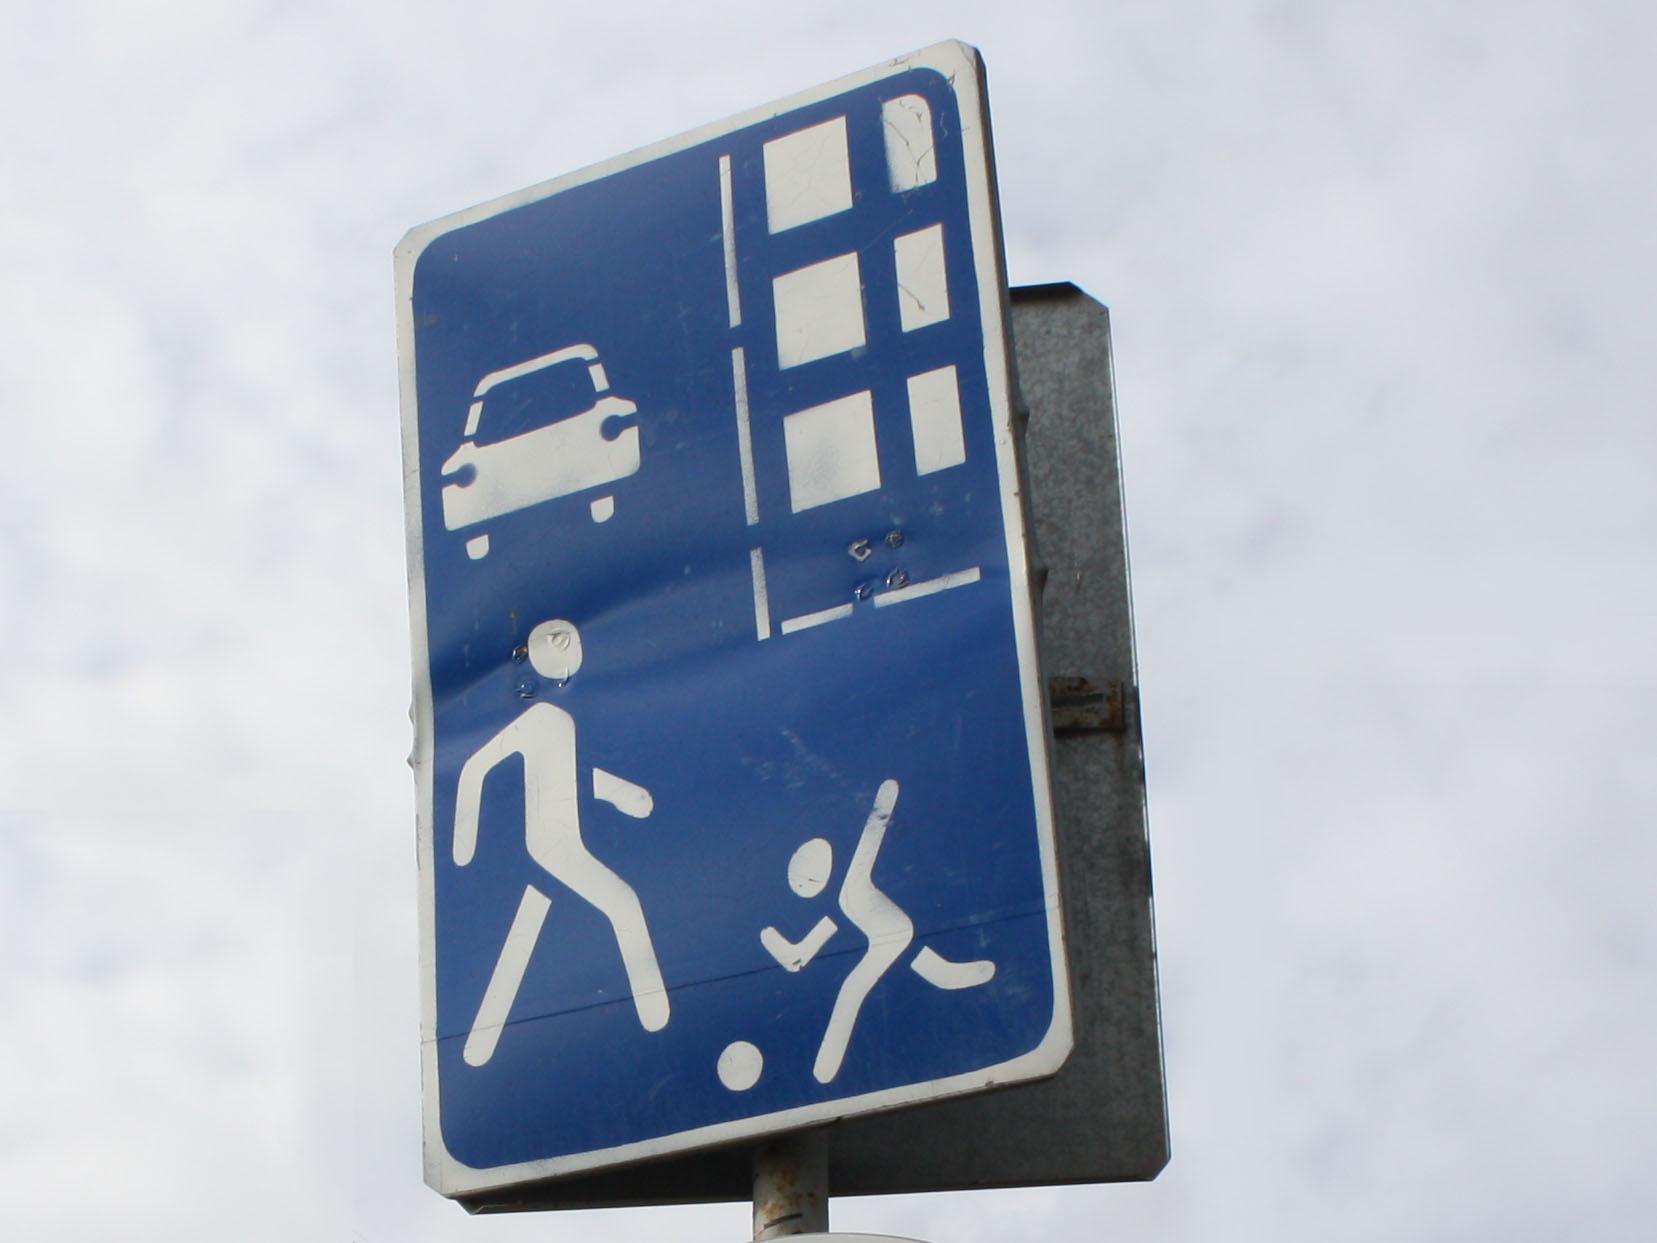 За прошедшие сутки вДТП на дорогах города пострадало 2детей